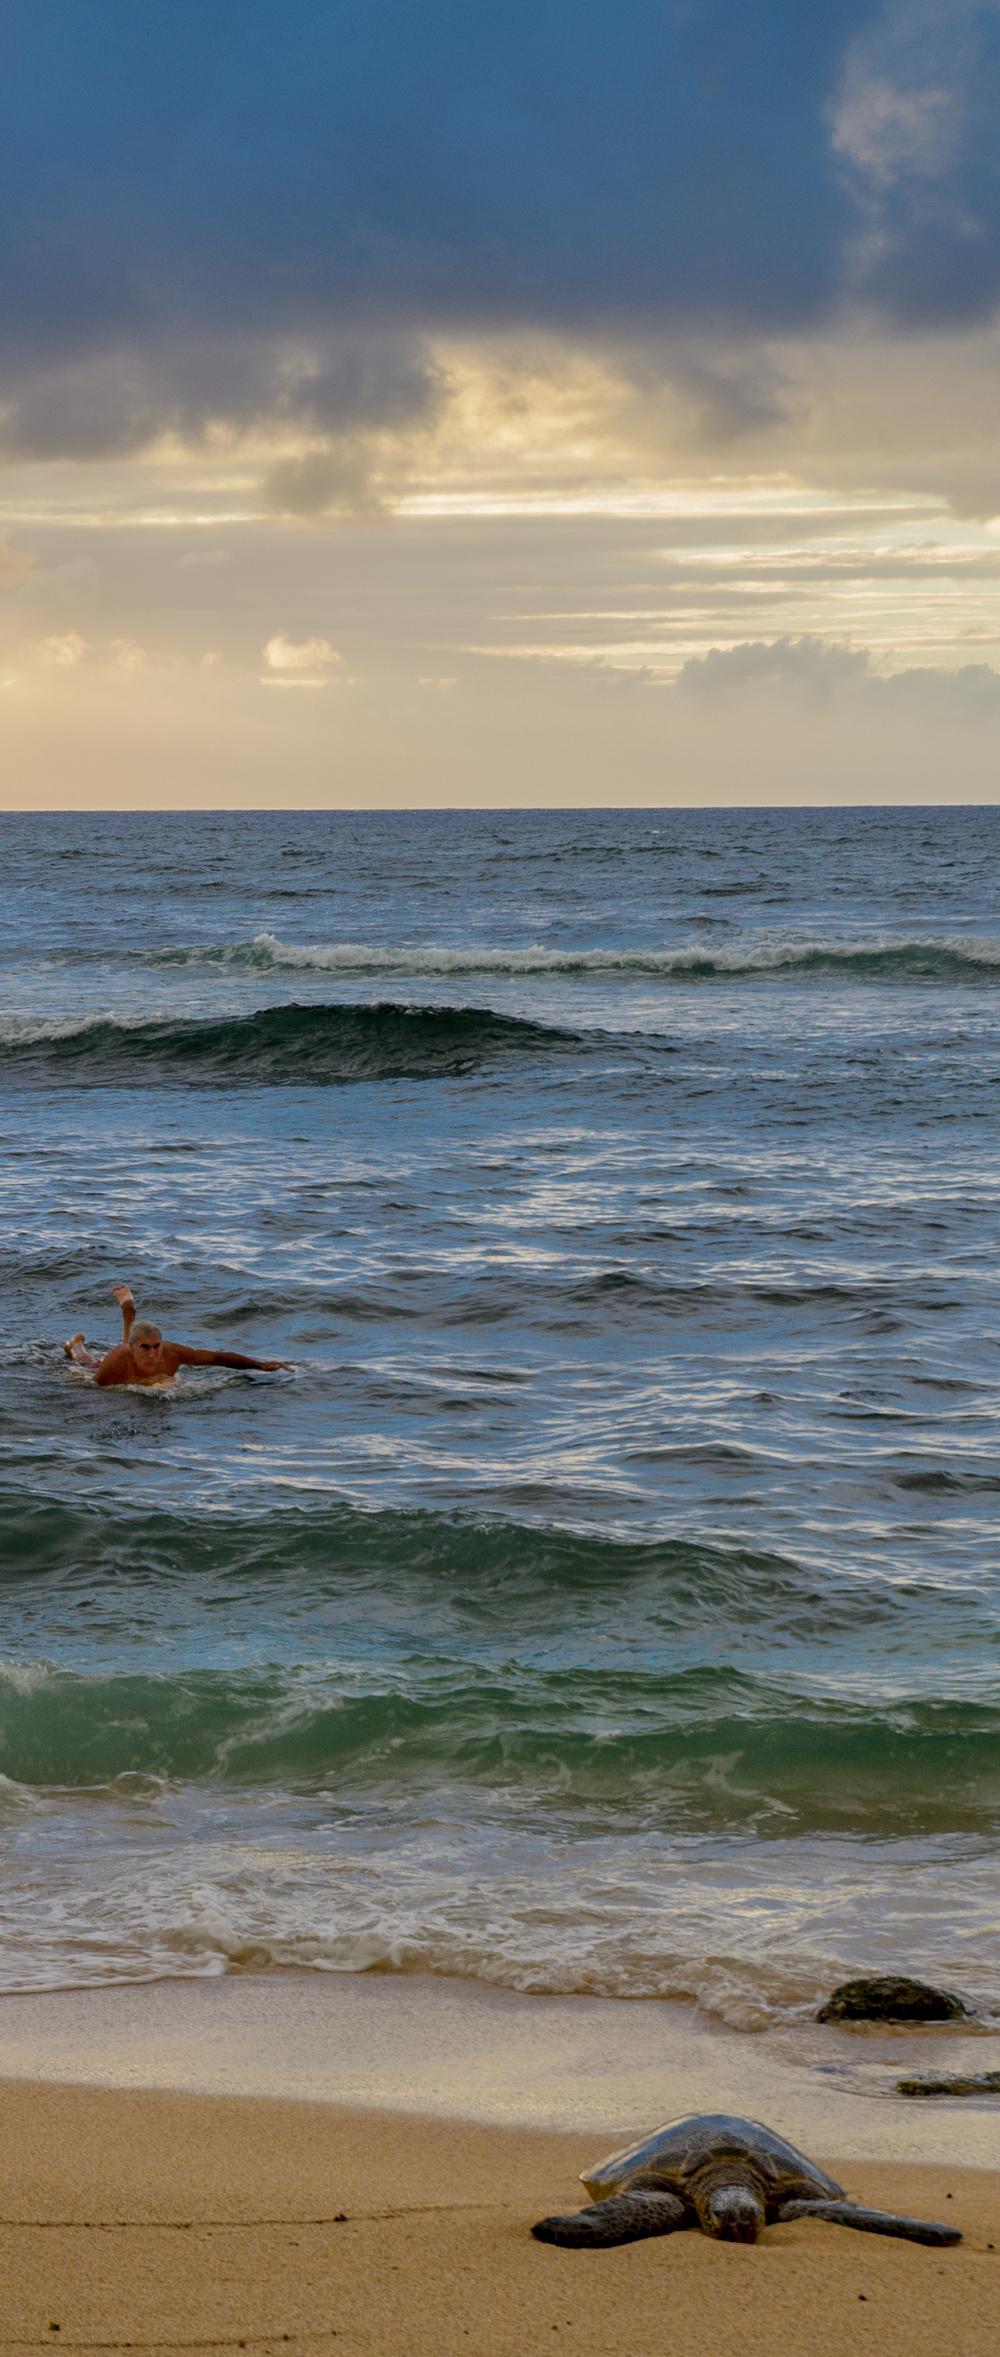 Maui Vacation DSC_7870.jpg